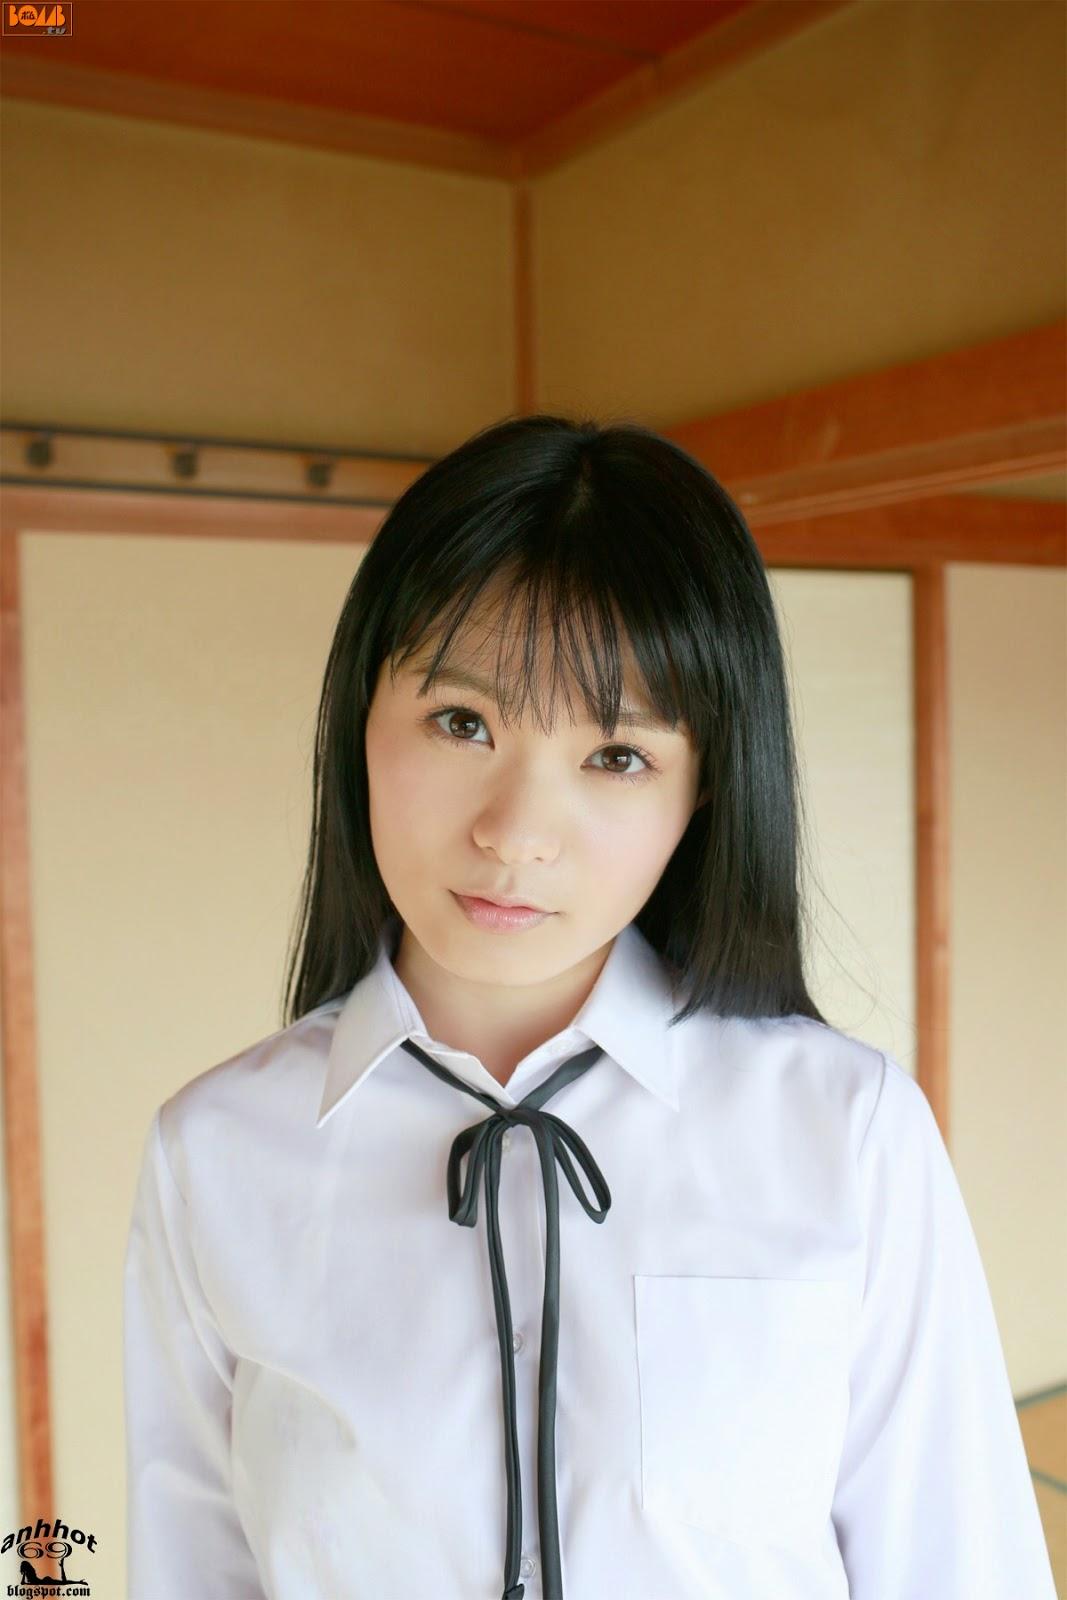 mizuki-hoshina-02127830